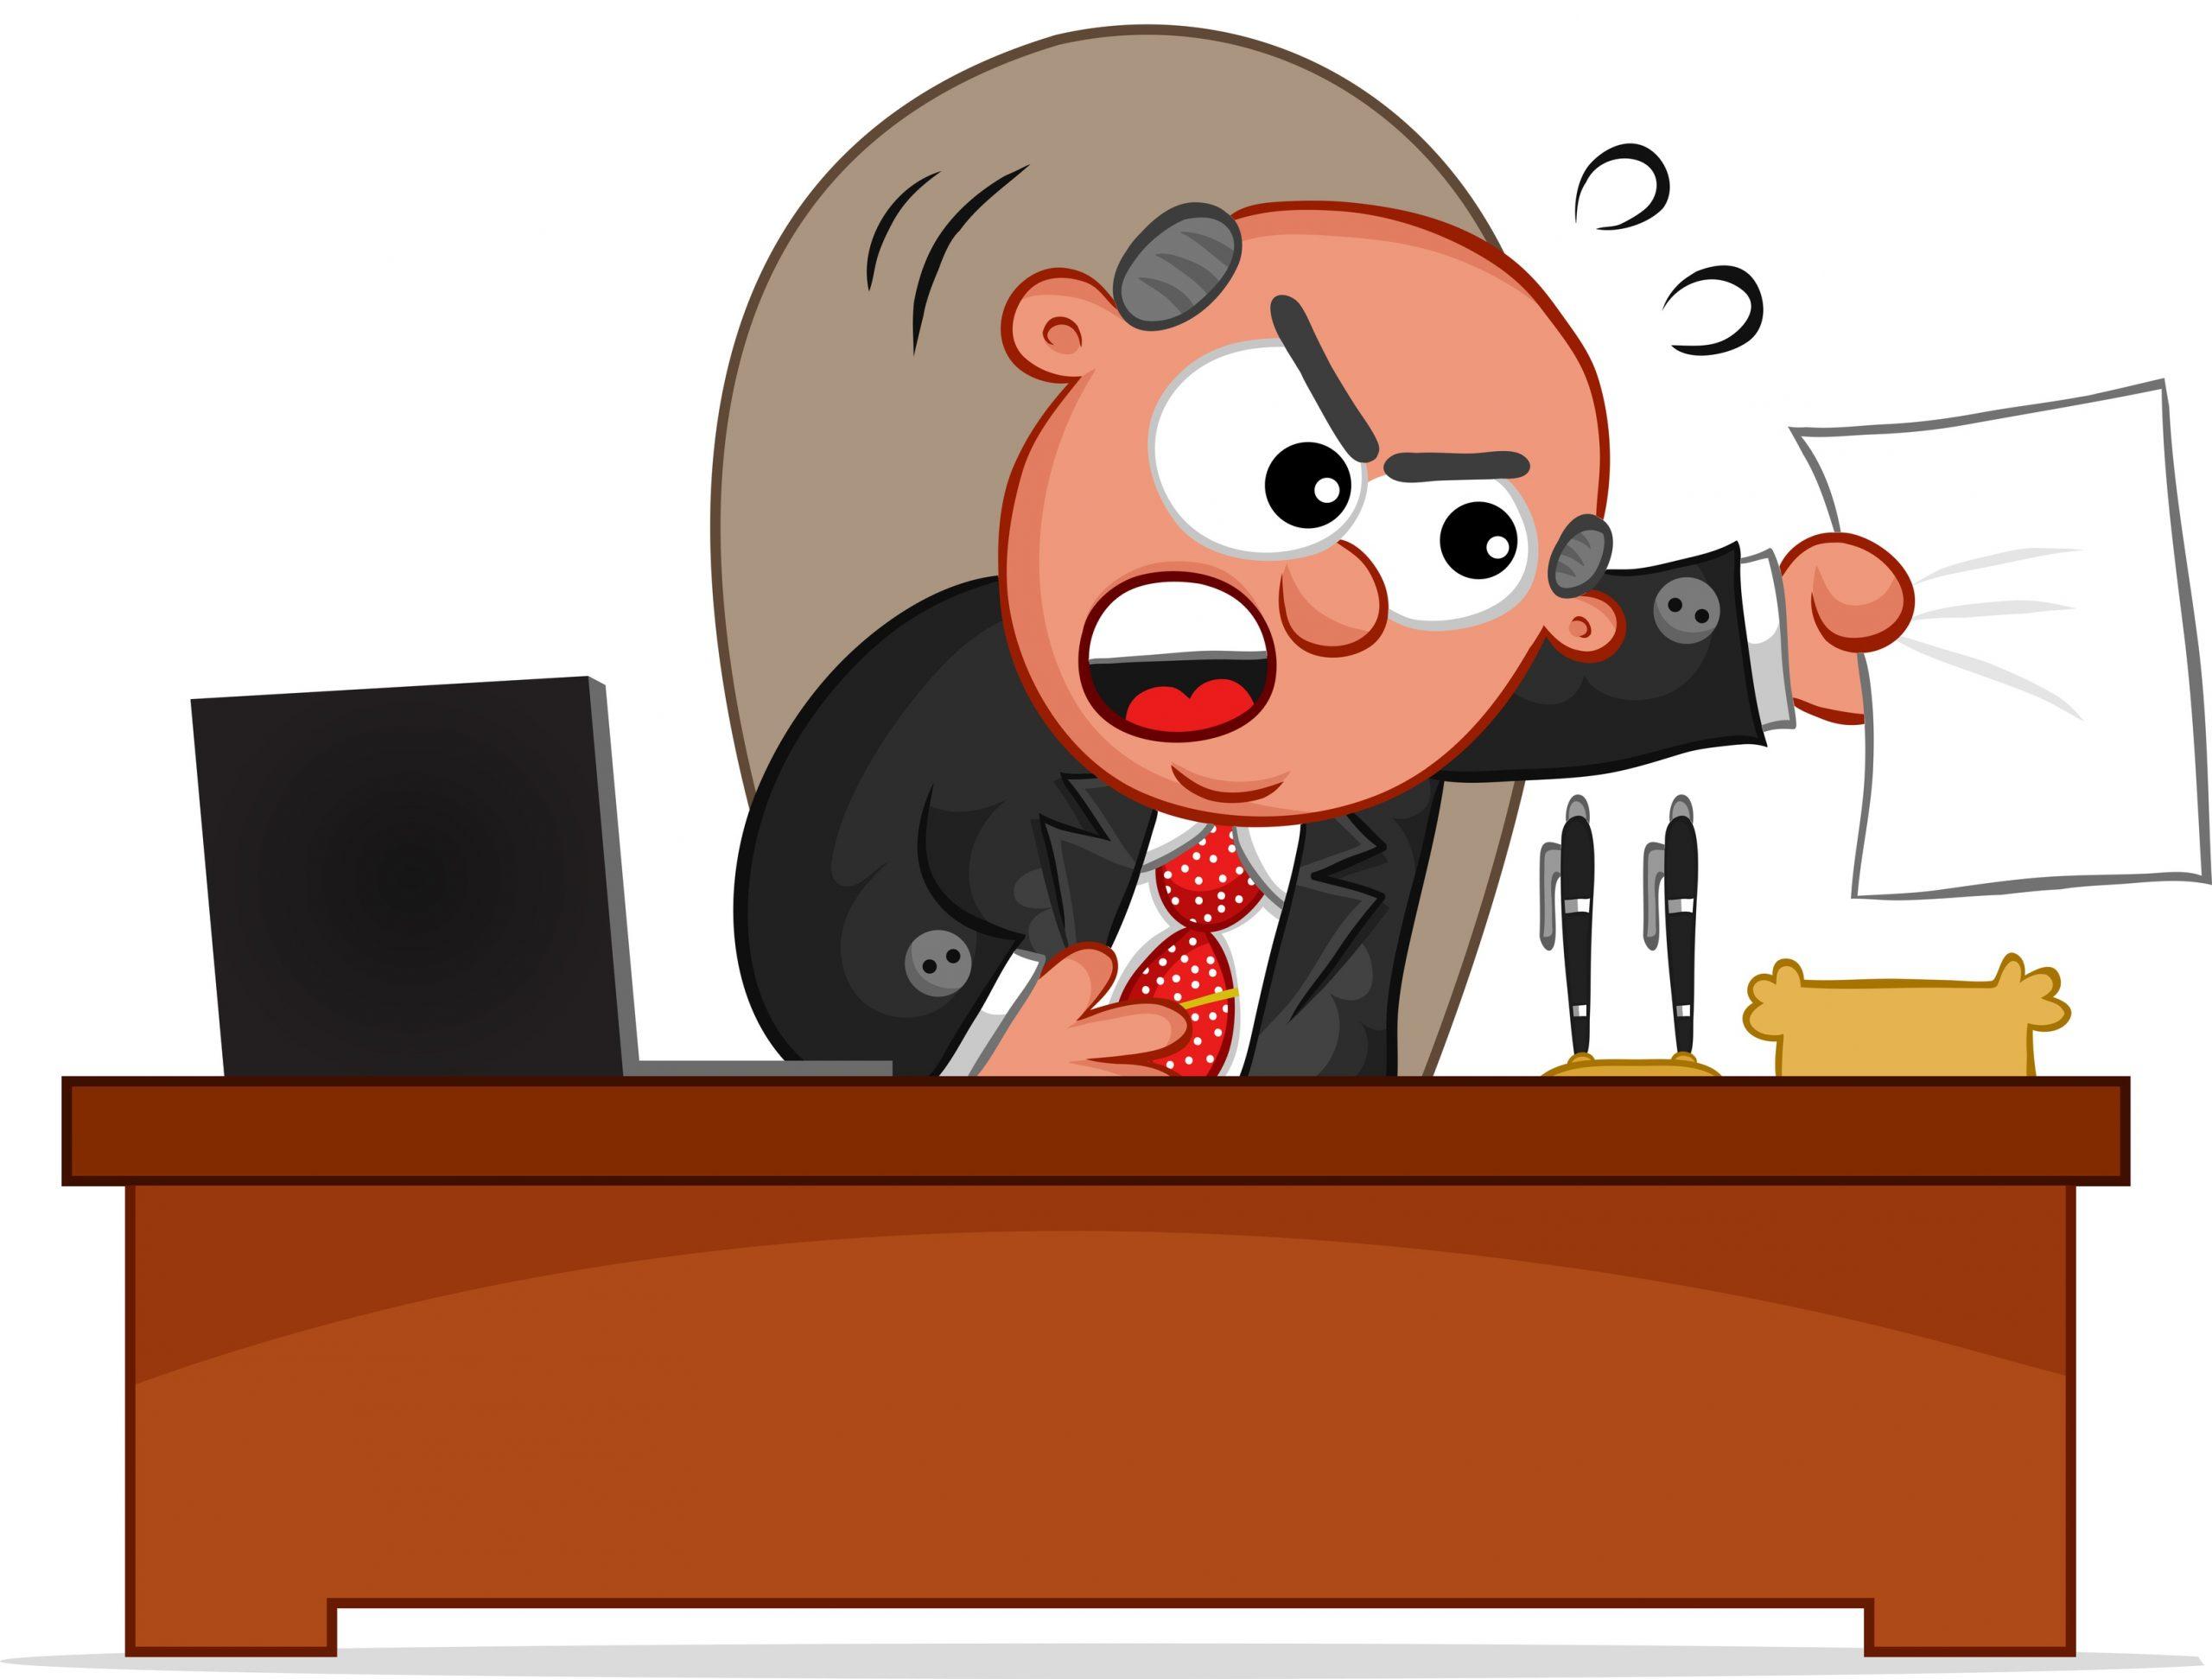 قانون اداره آپارتمان به زبان ساده و خودمانی چیست؟